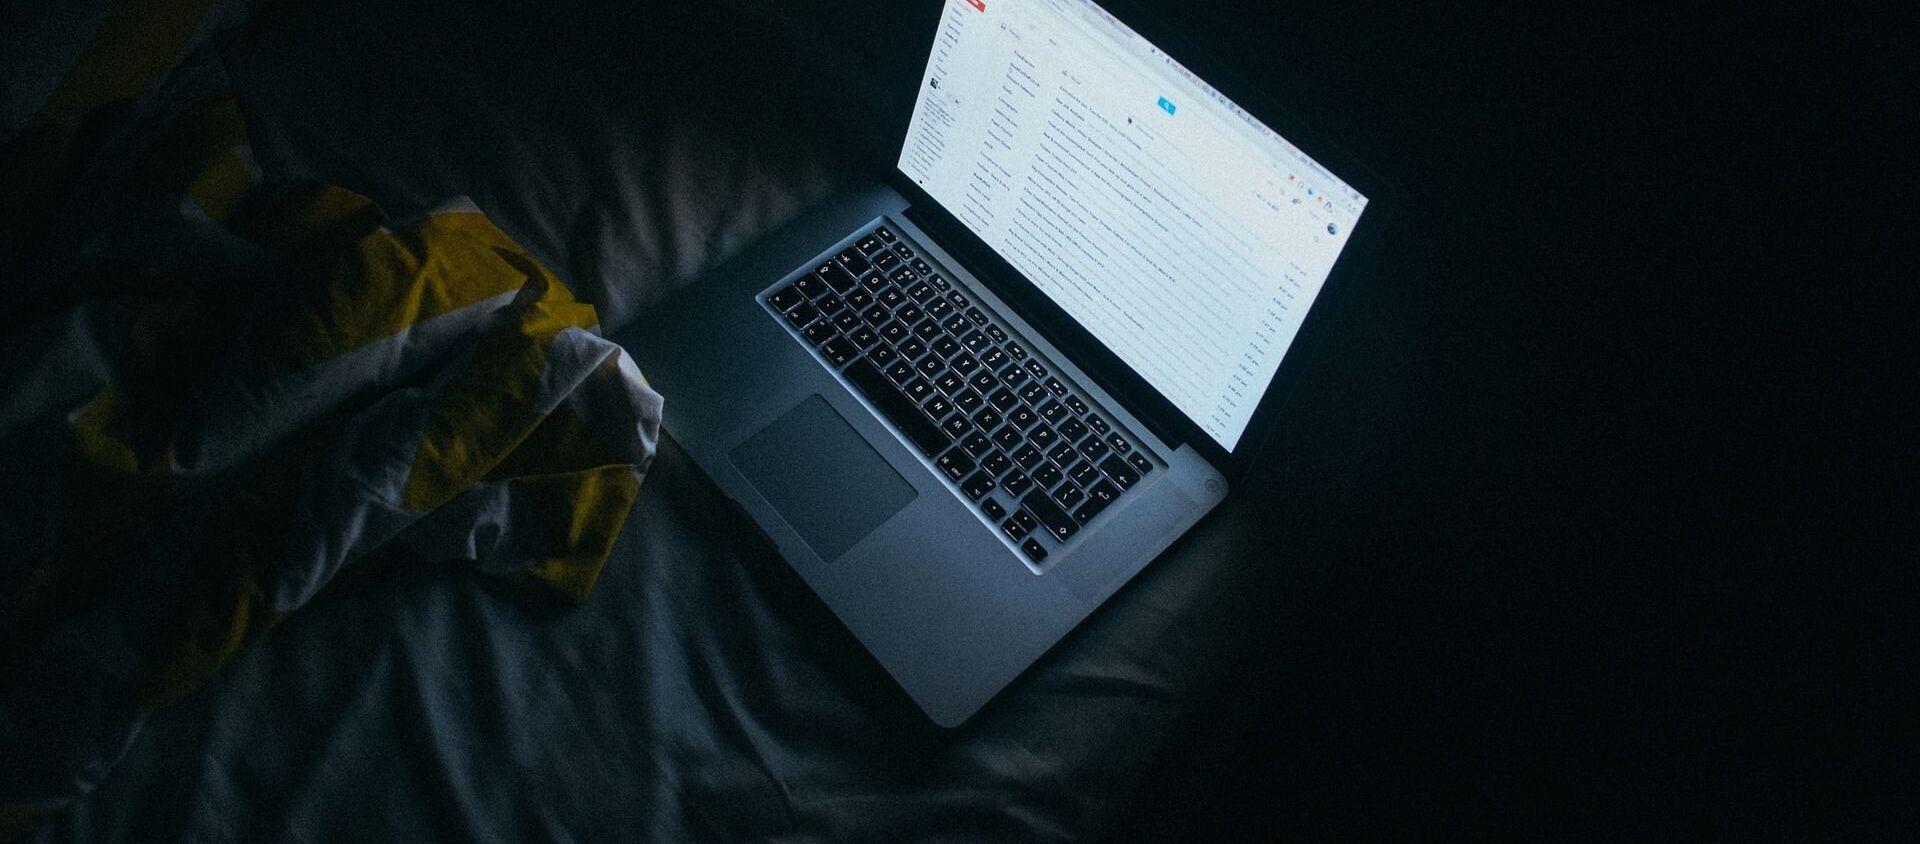 Ноутбук с открытой почтой Gmail - Sputnik 日本, 1920, 04.03.2021